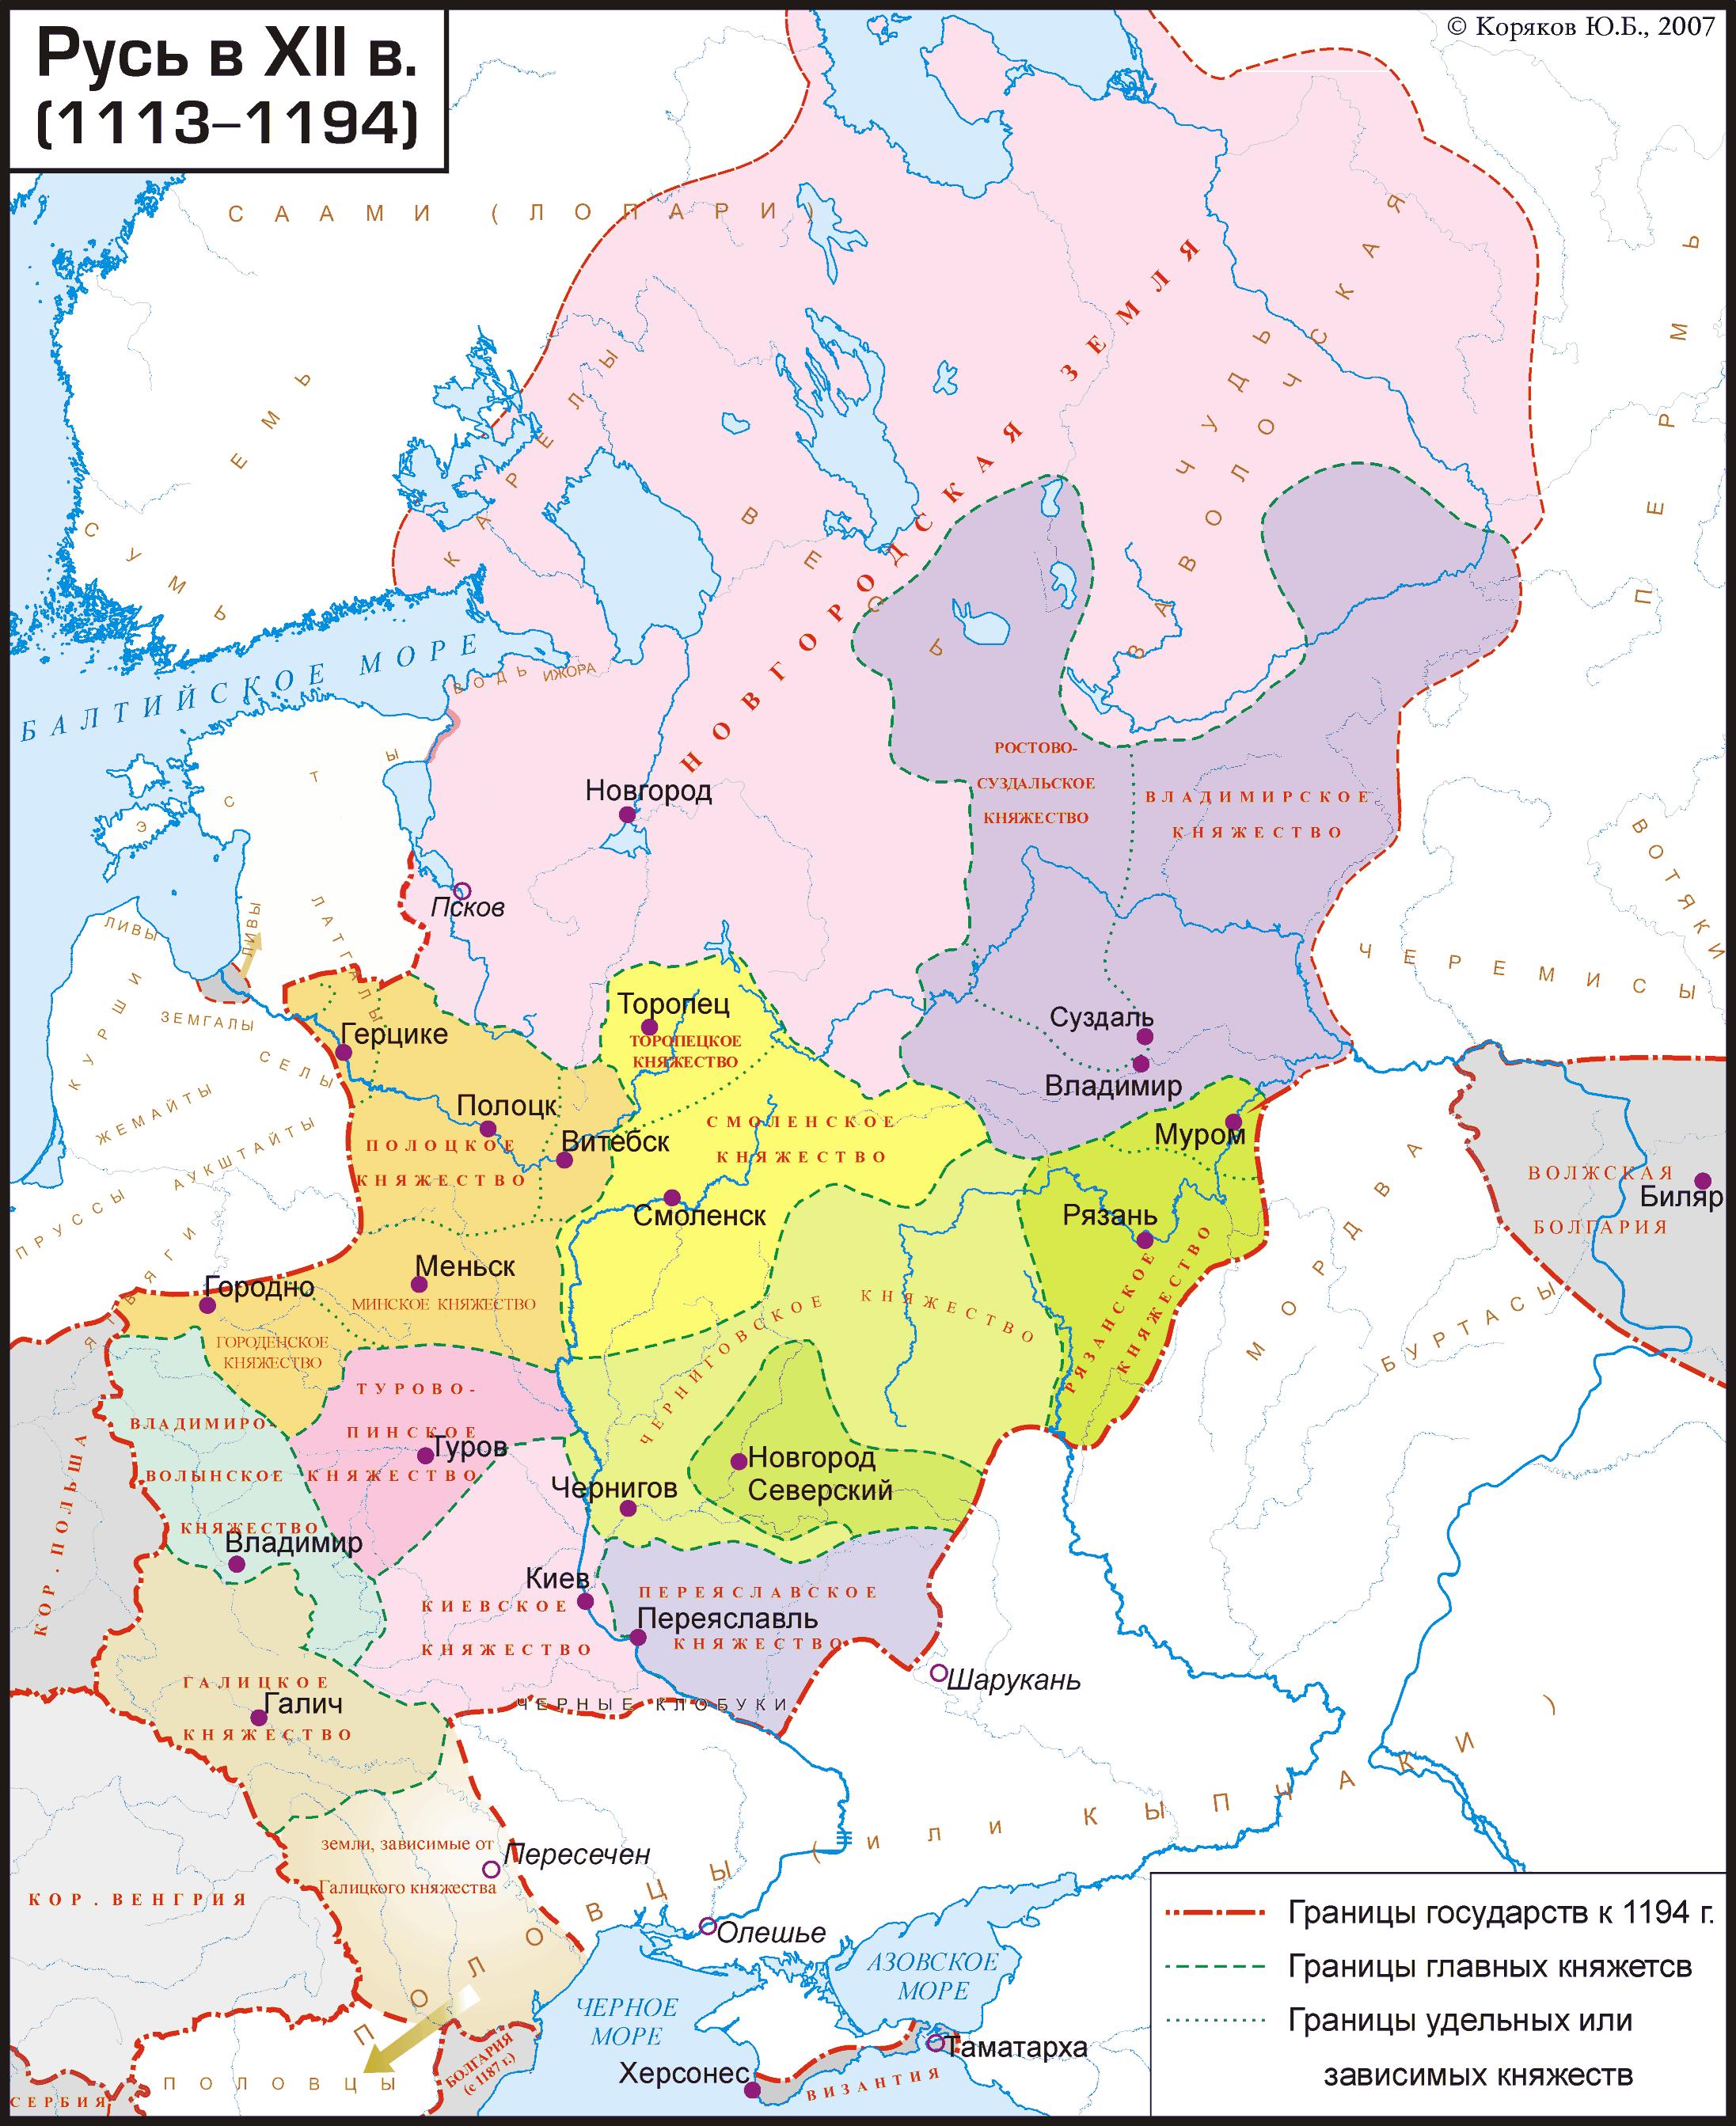 ...которая сформировалась в процессе этногенеза из восточнославянских племён в X—XIII вв. в Киевской Руси.